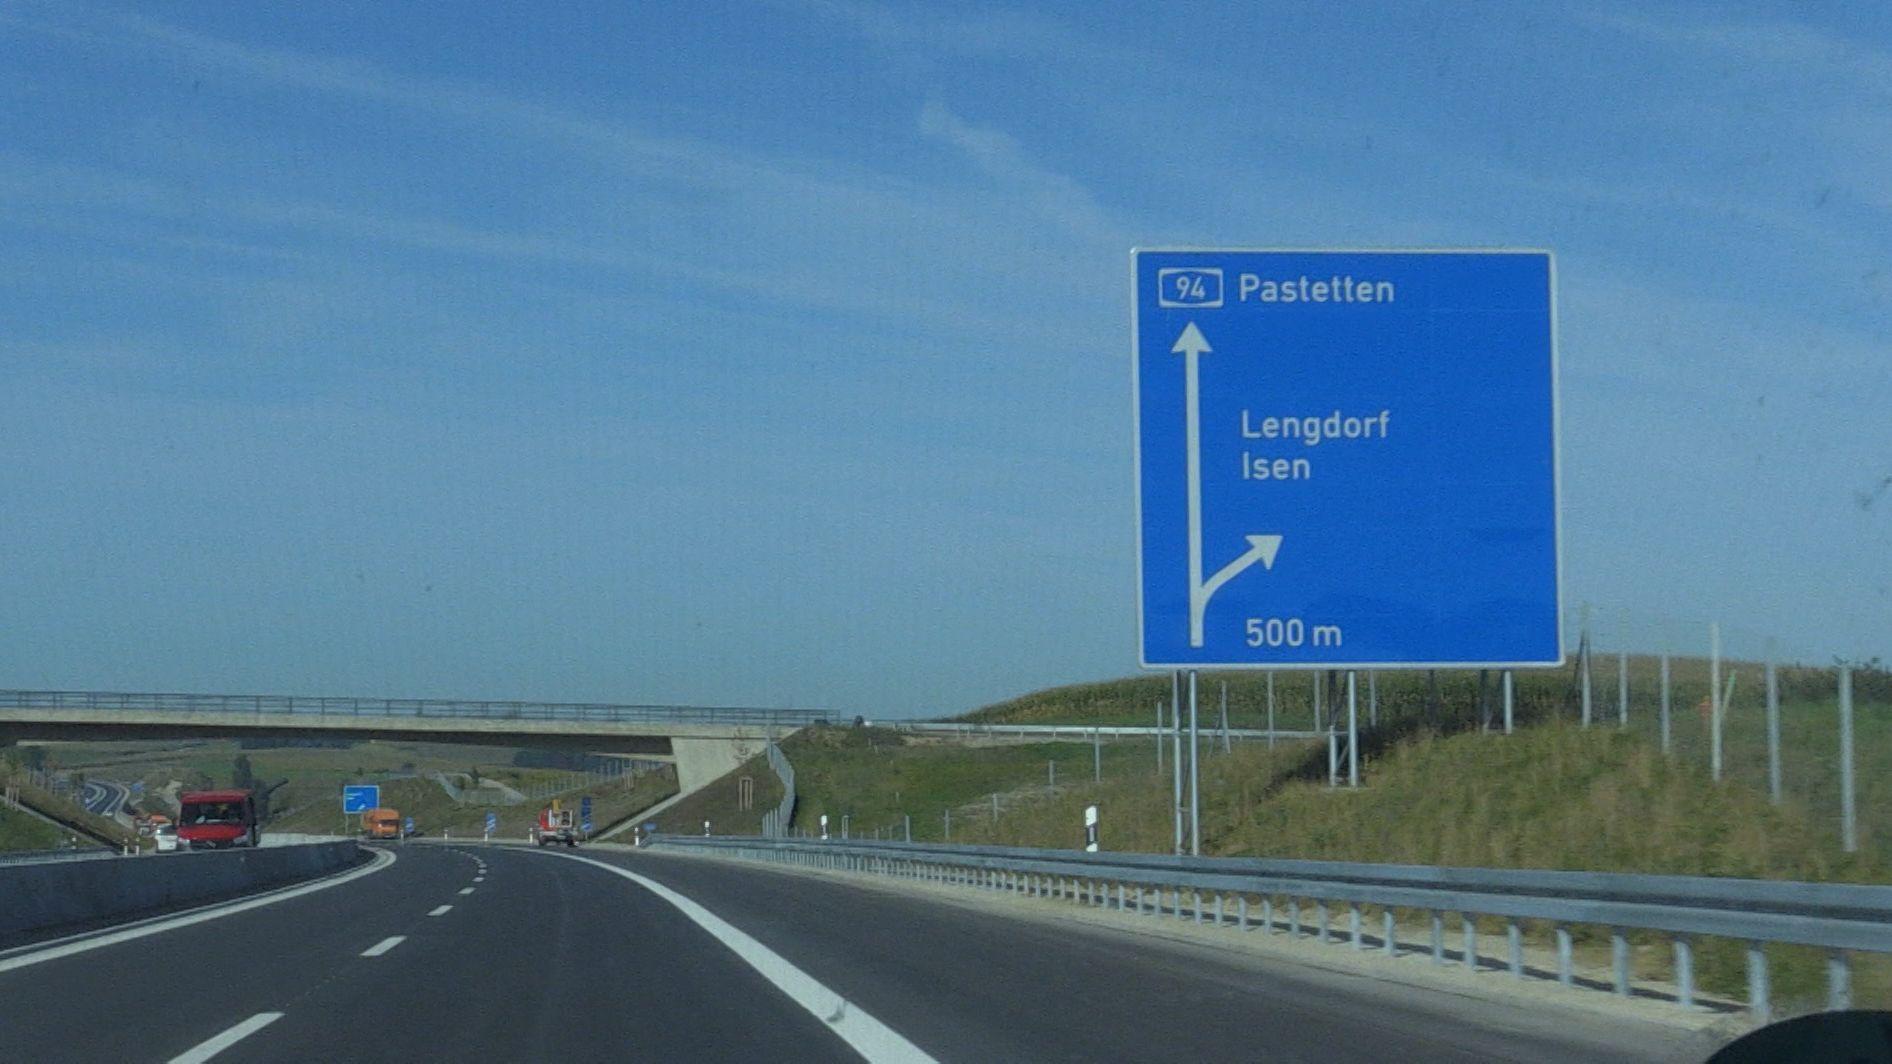 Die Ausfahrt Lengdorf auf der umstrittenen A94 durchs Isental.